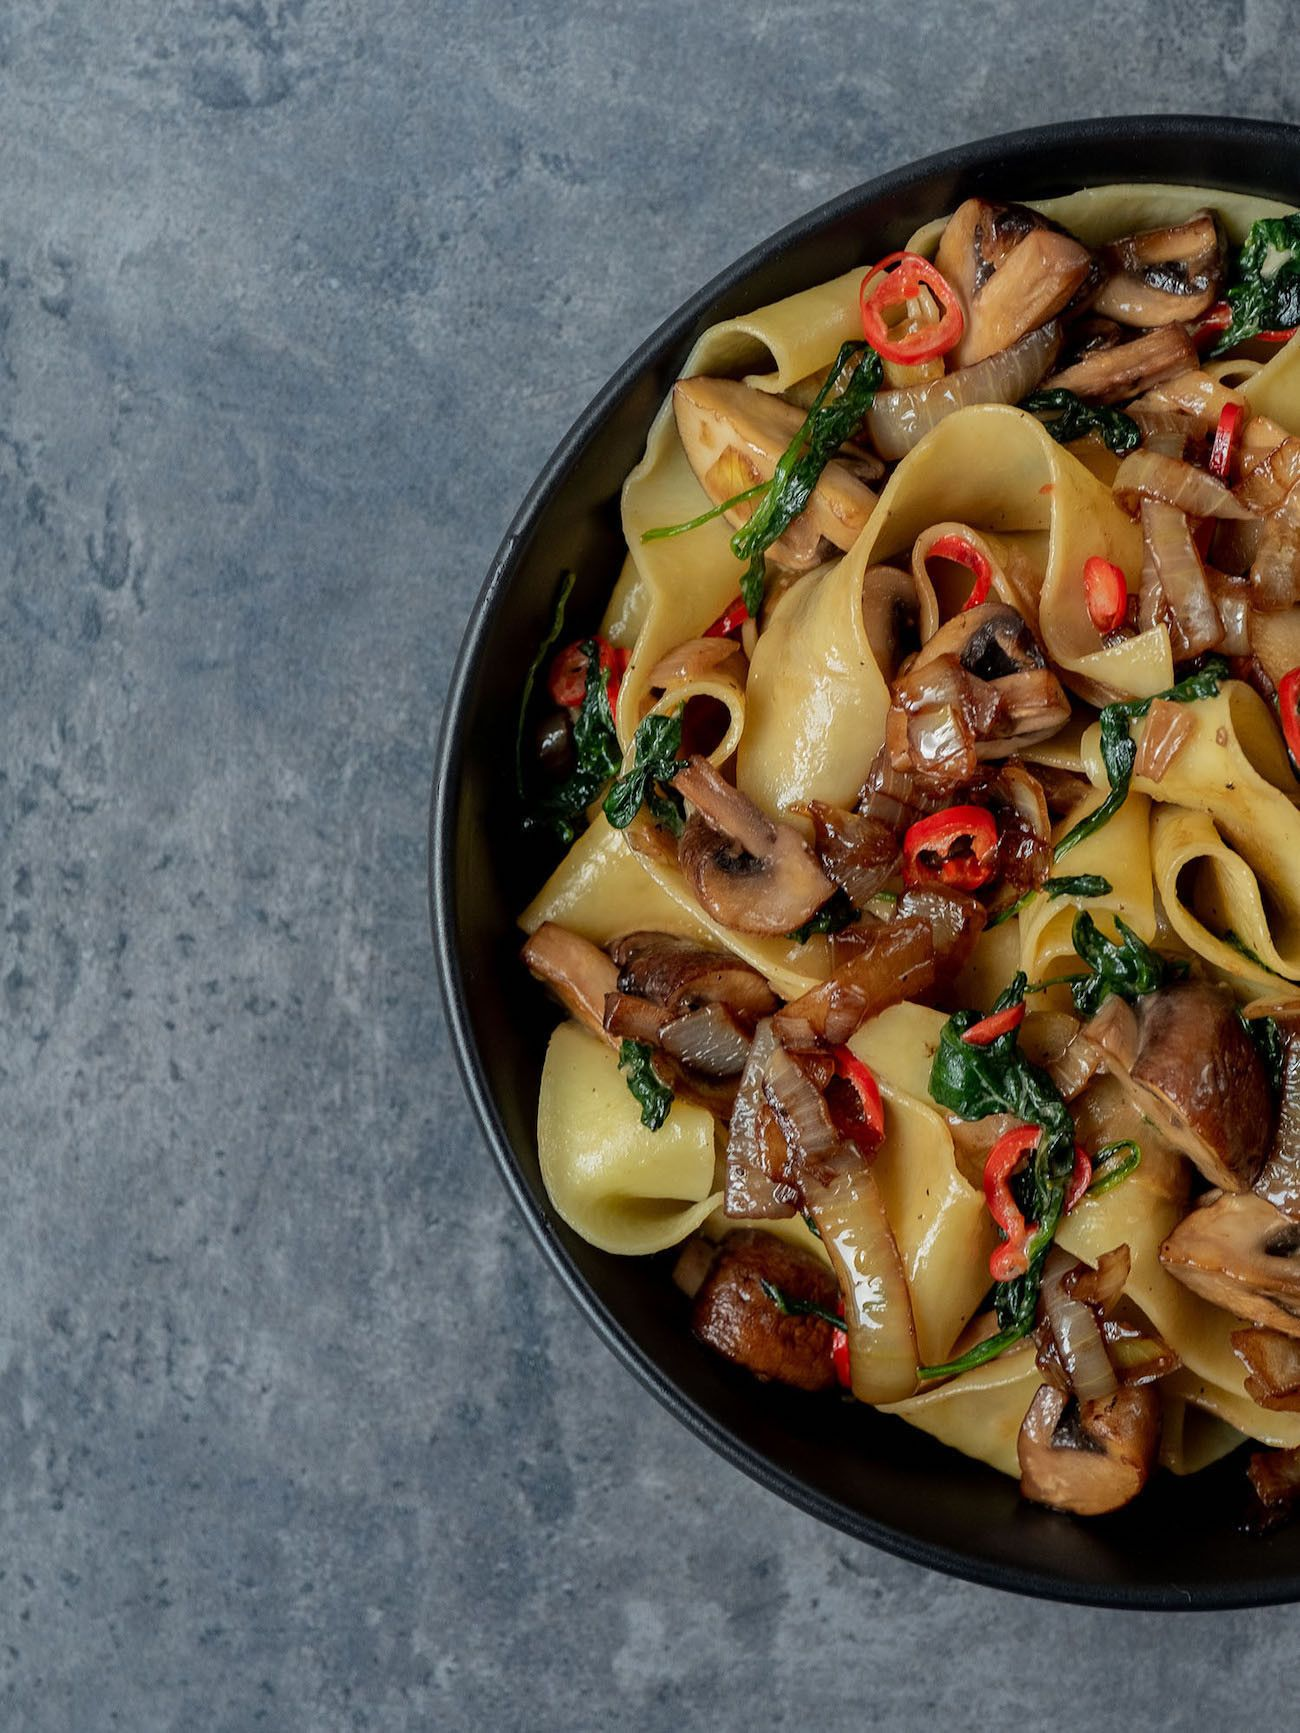 Foodblog About Fuel_Papardelle mit Champignons, Spinat und Balsamico Zwiebeln, Pasta